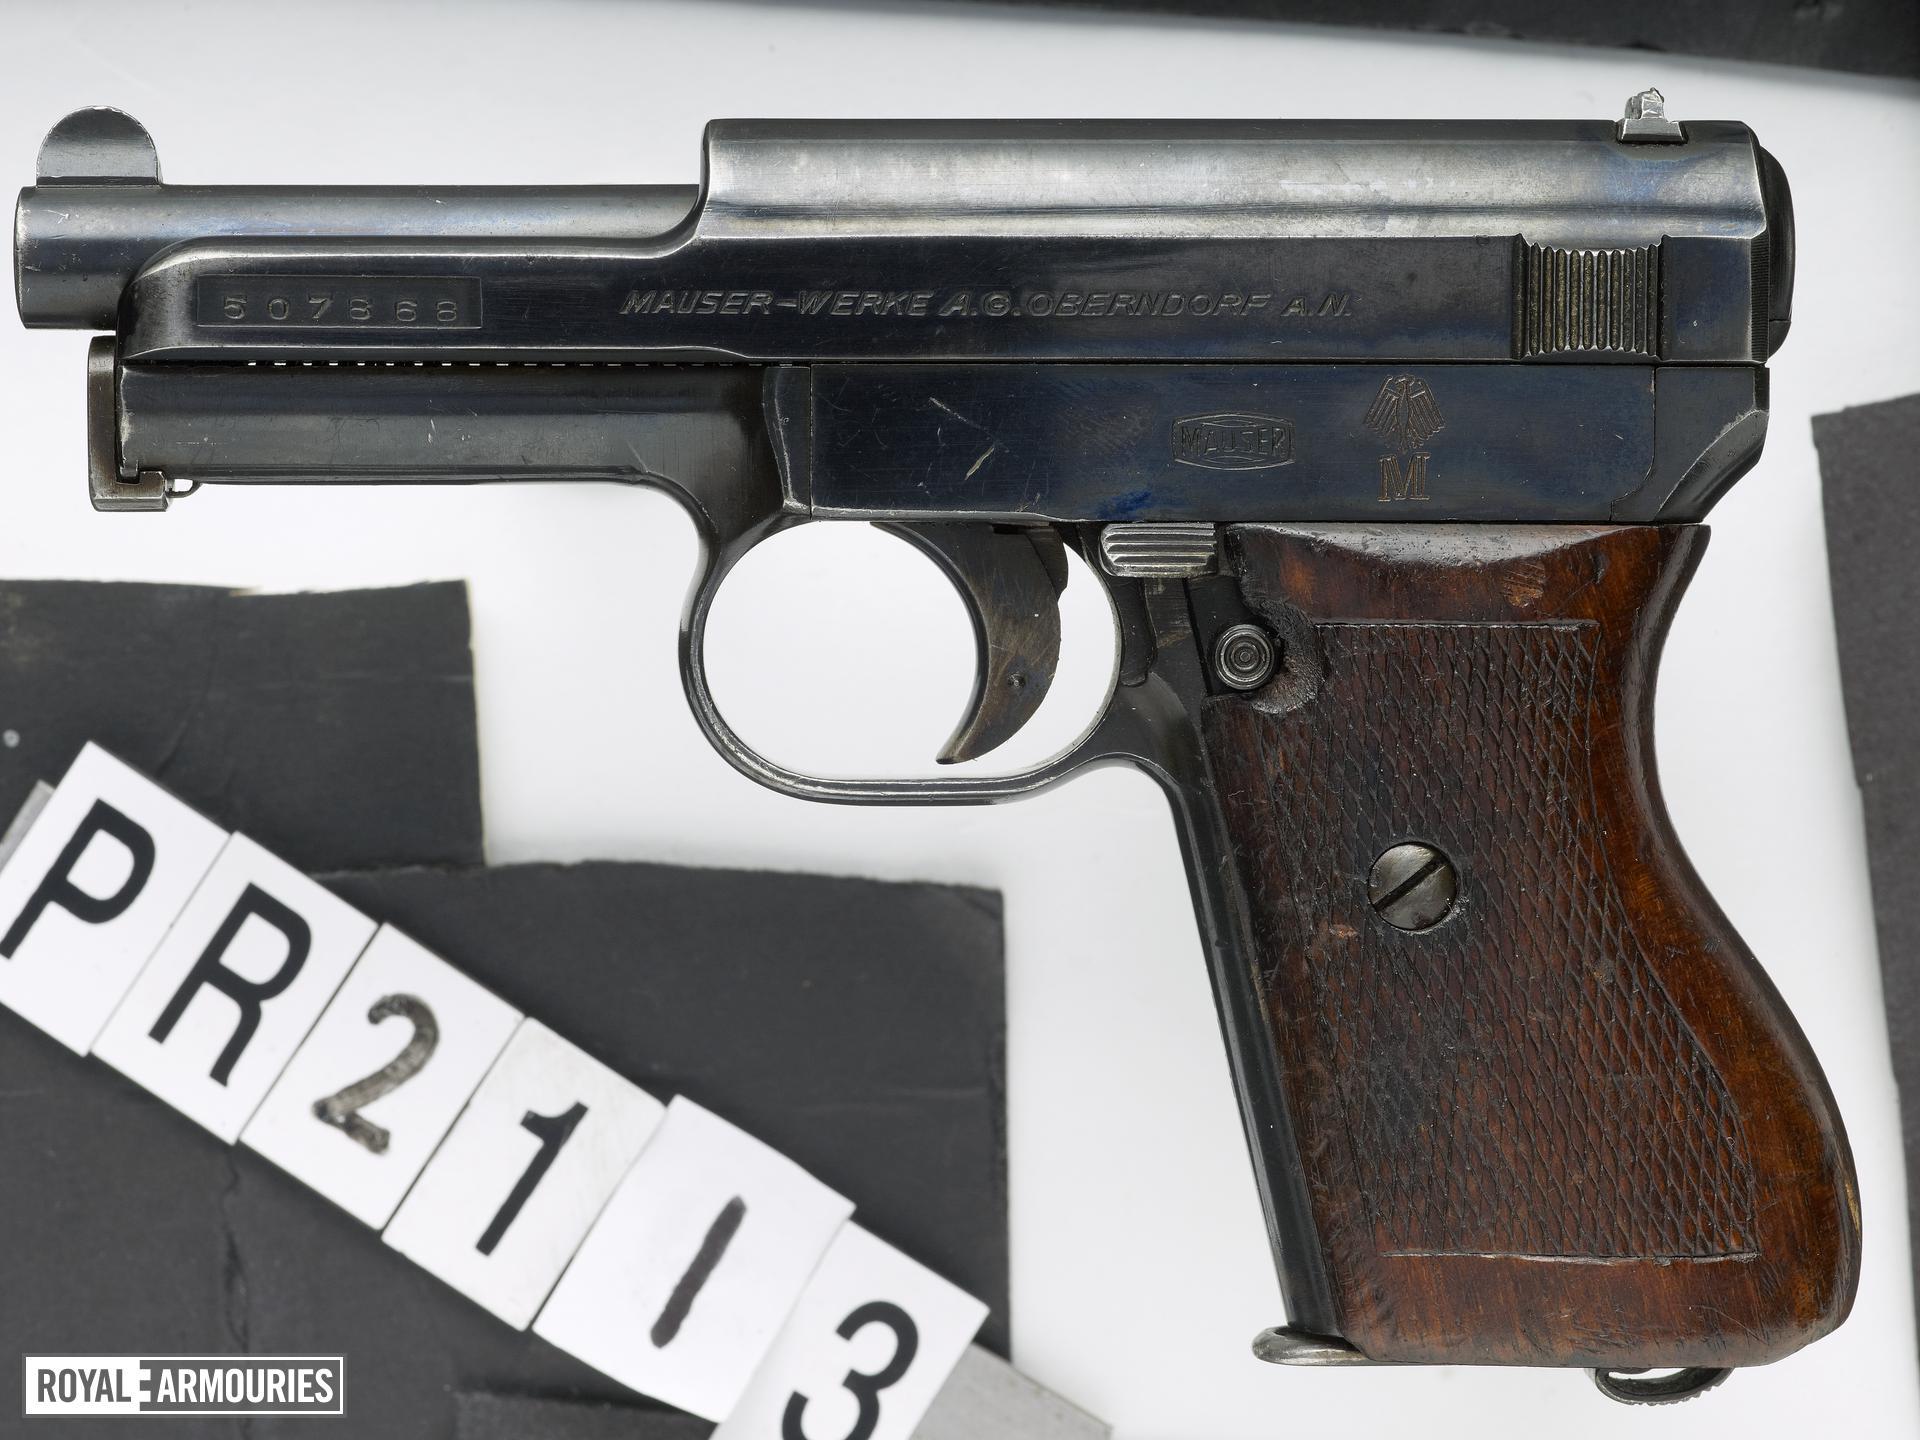 Centrefire self-loading pistol - Mauser 1934